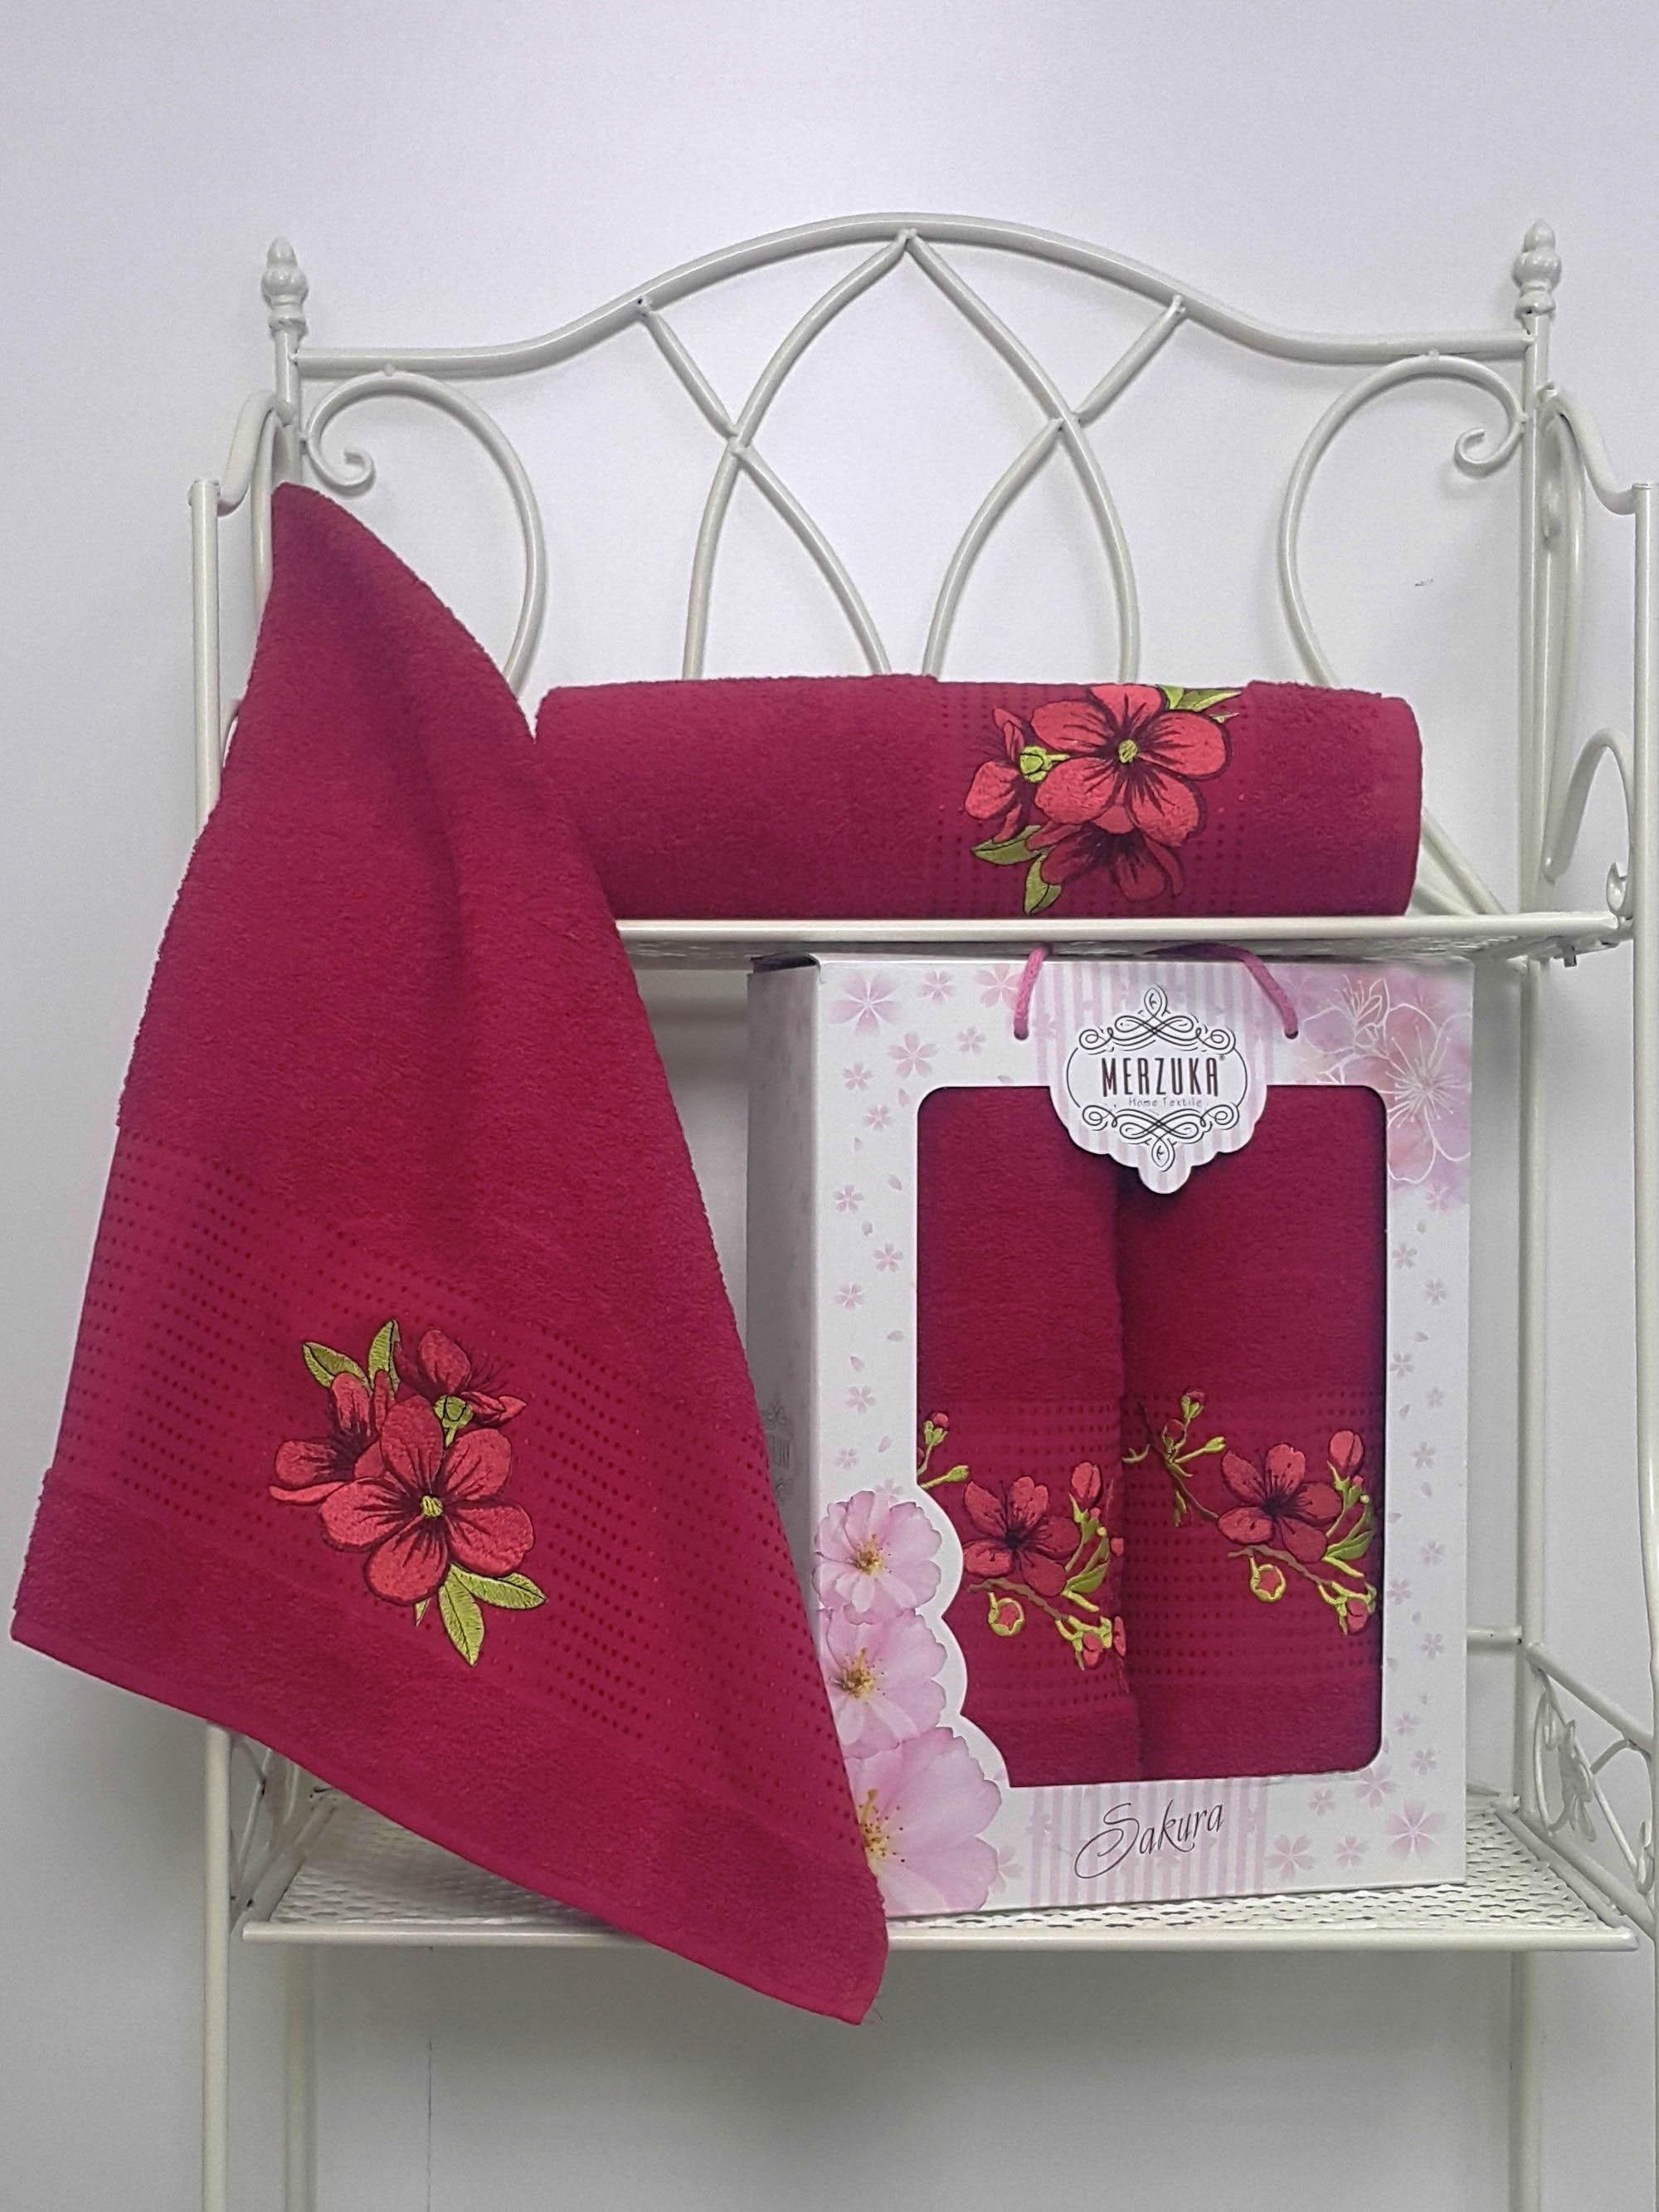 Полотенца Oran Merzuka Полотенце Sakura Цвет: Бордовый (Набор) набор из 3 полотенец merzuka sakura 50х90 2 70х140 8432 розовый